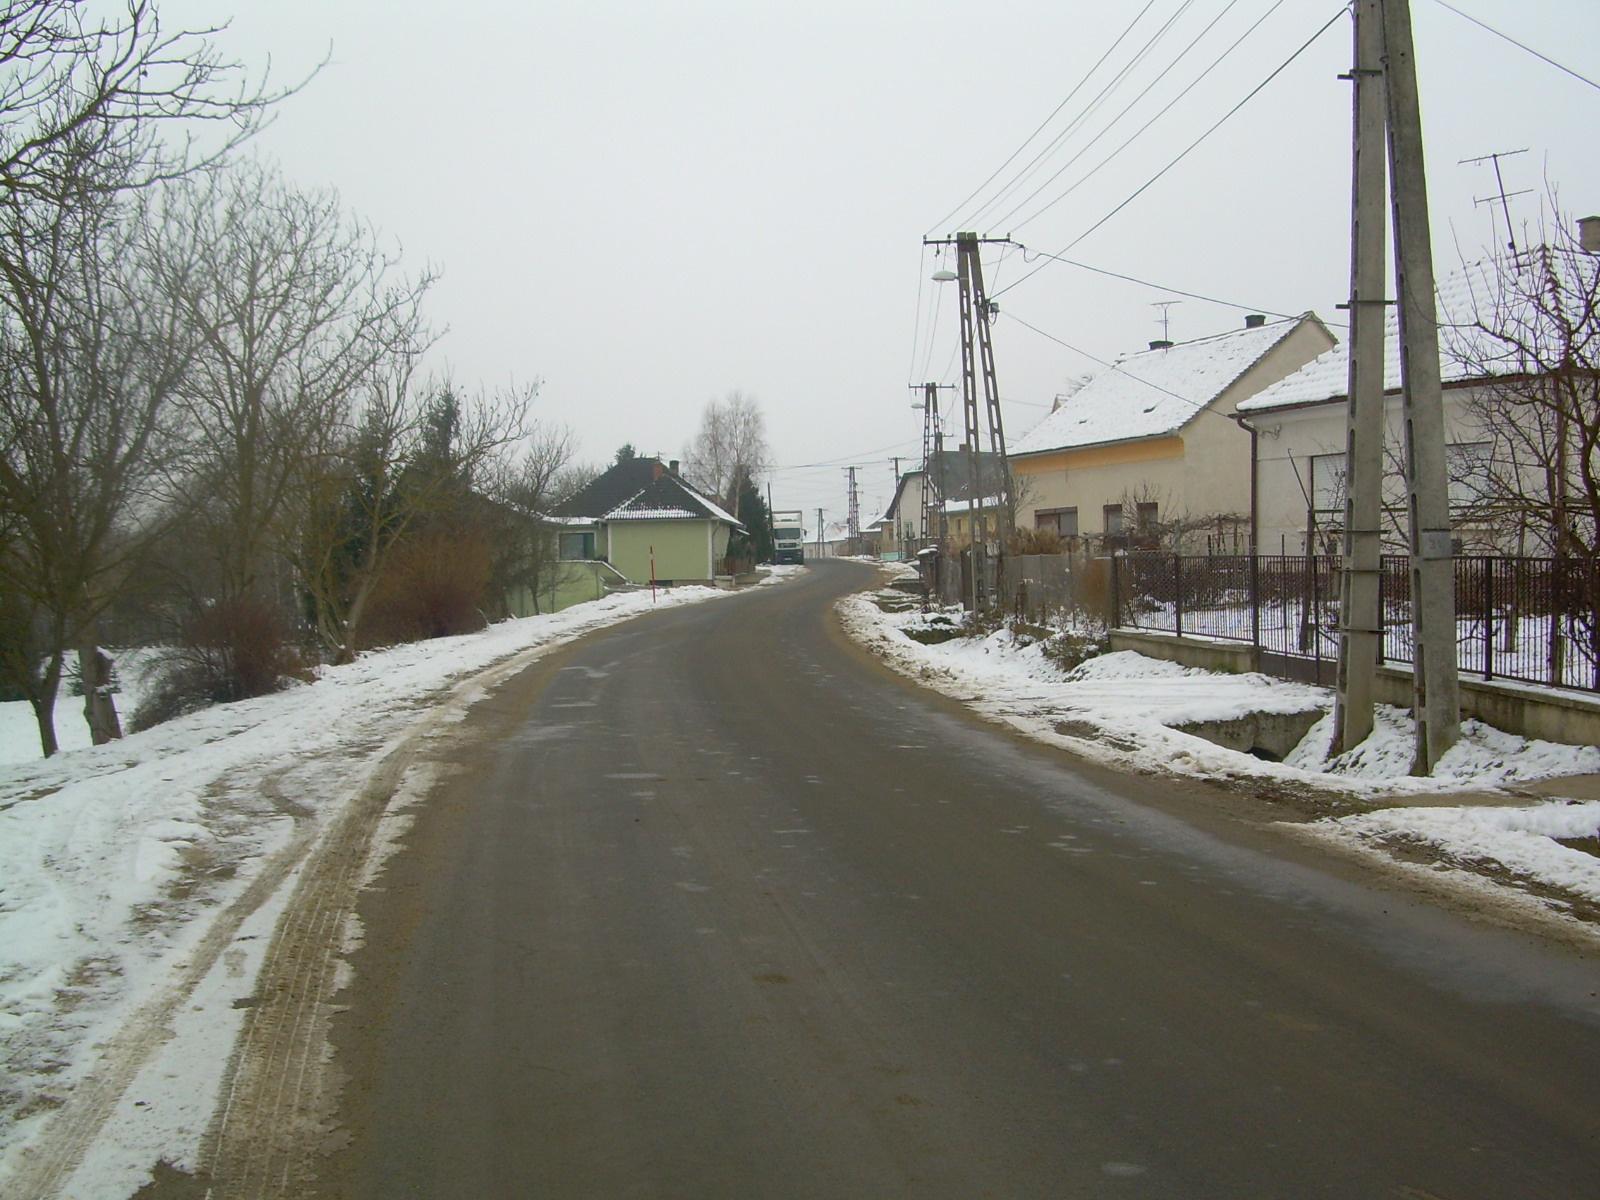 Vas megyei kis falu